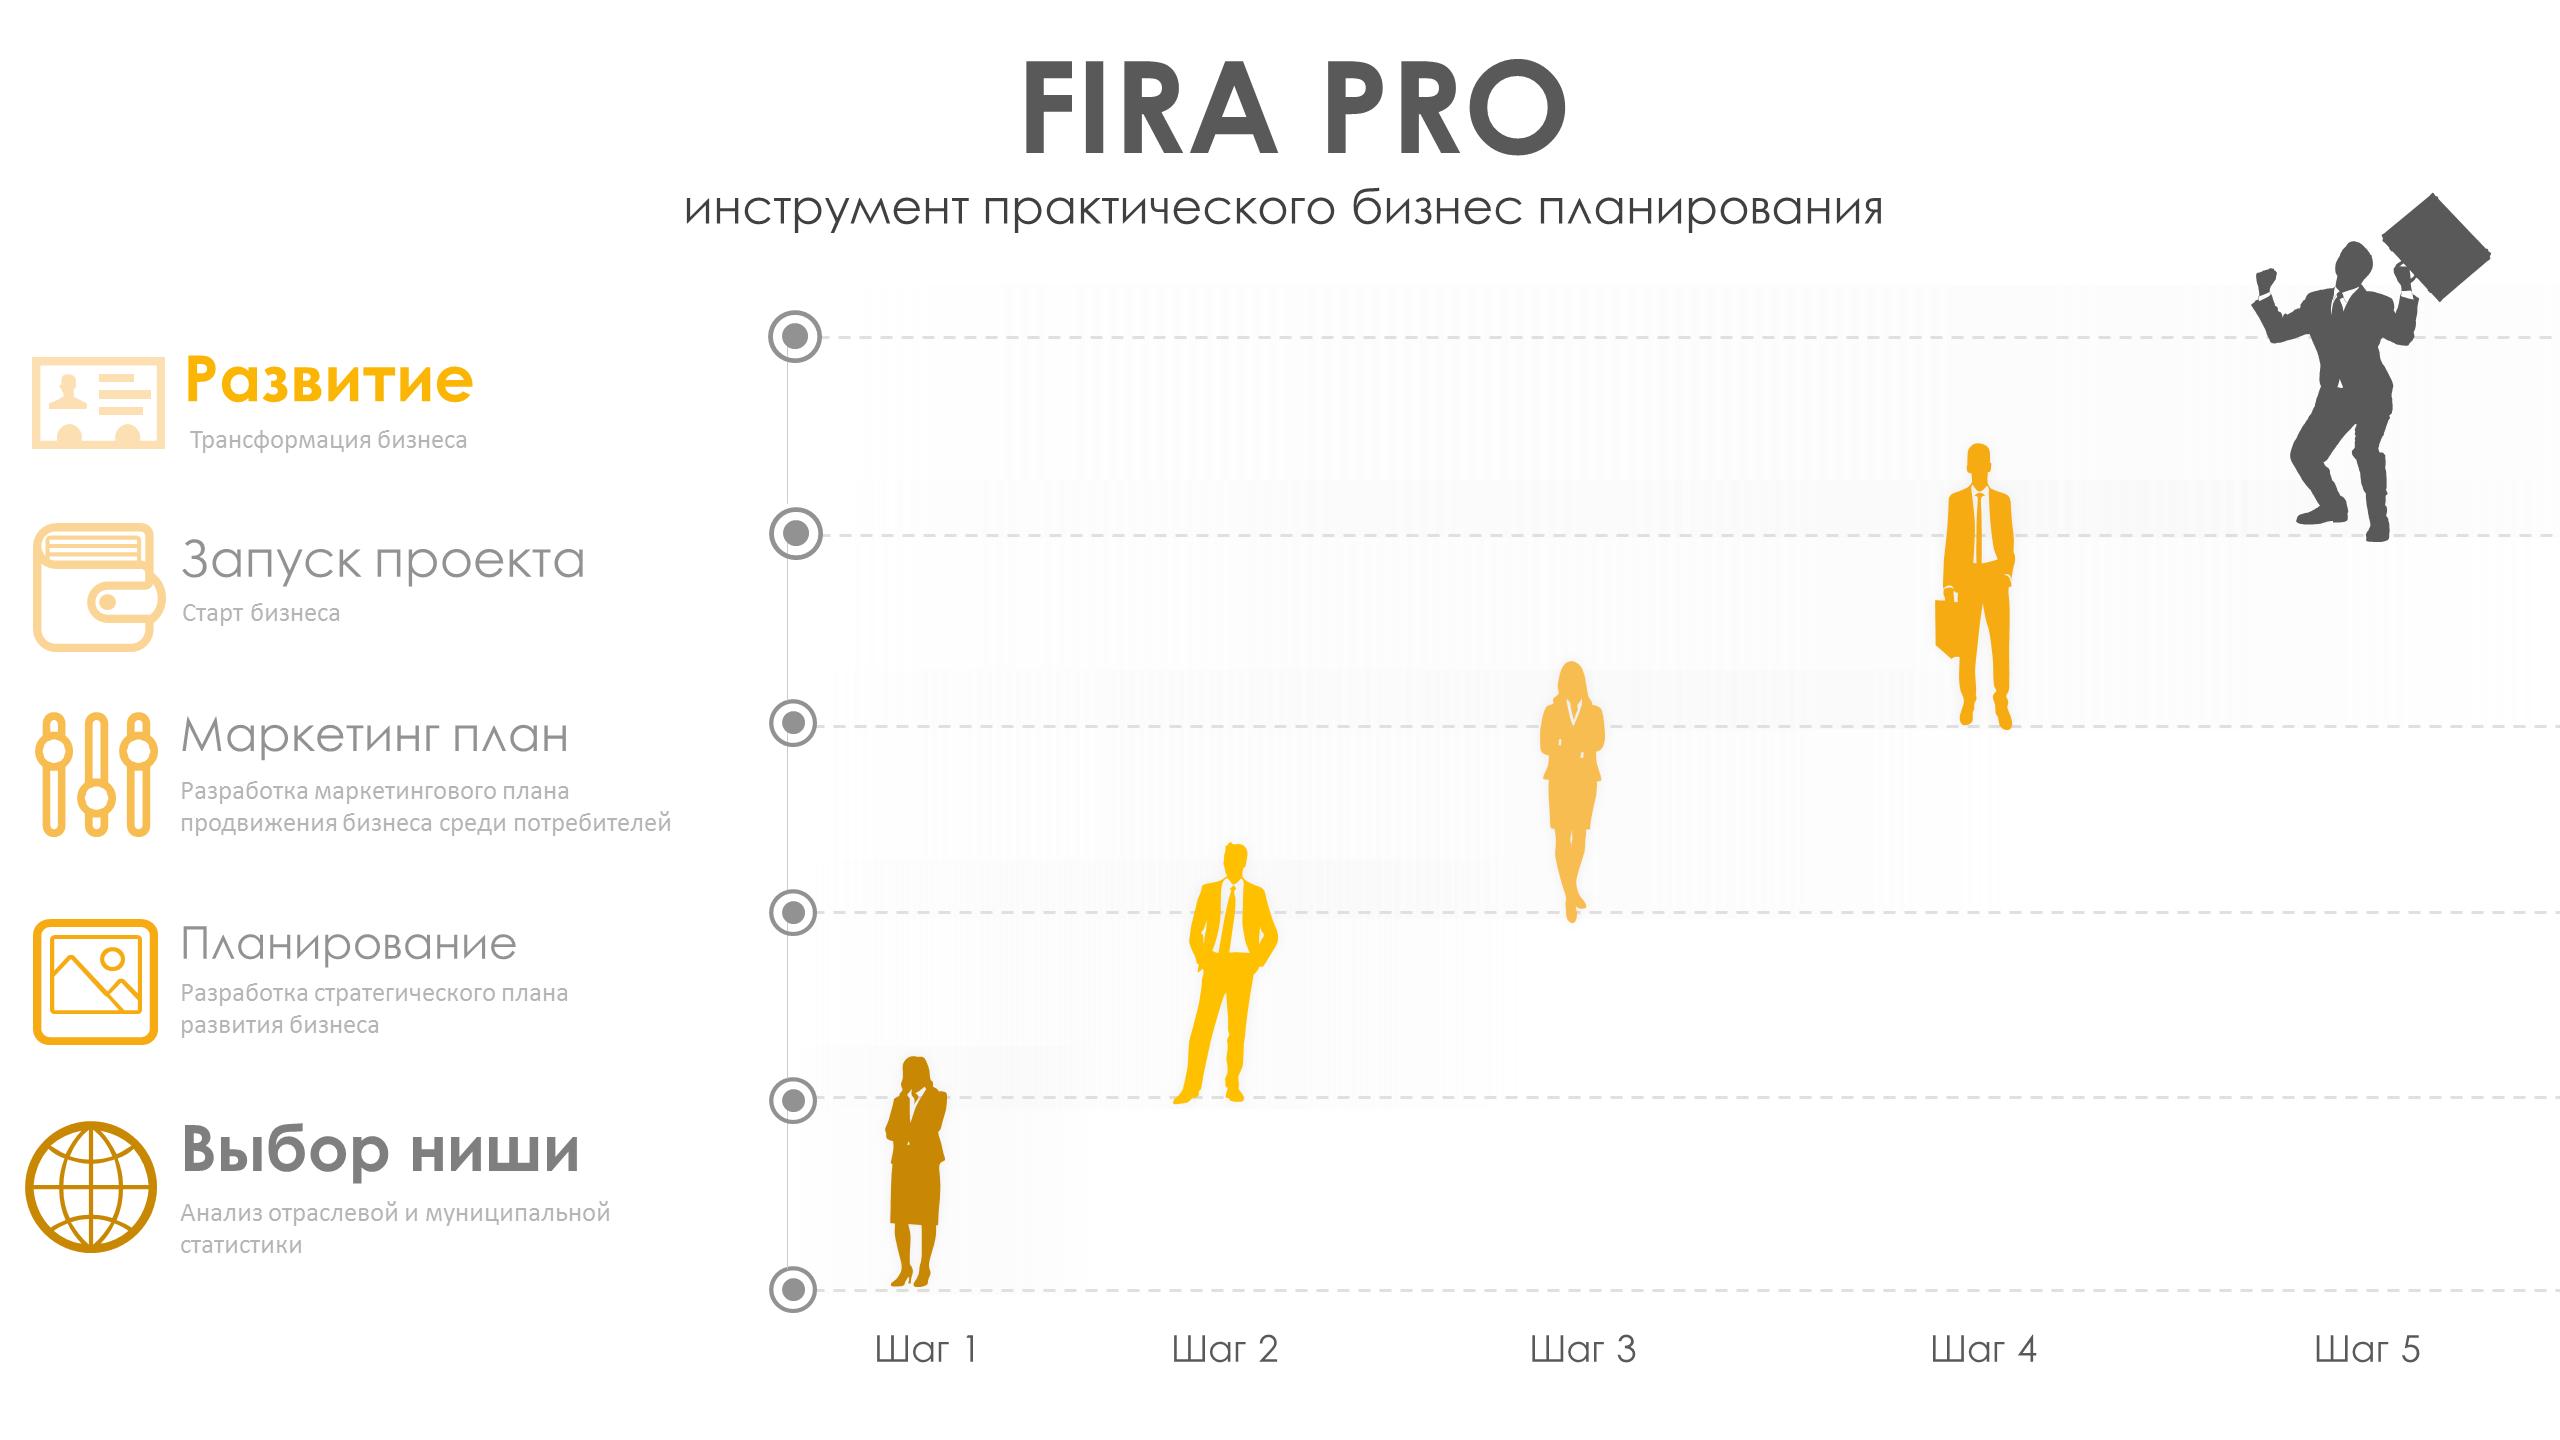 FIRA PRO-инструмент практического бизнес планирования